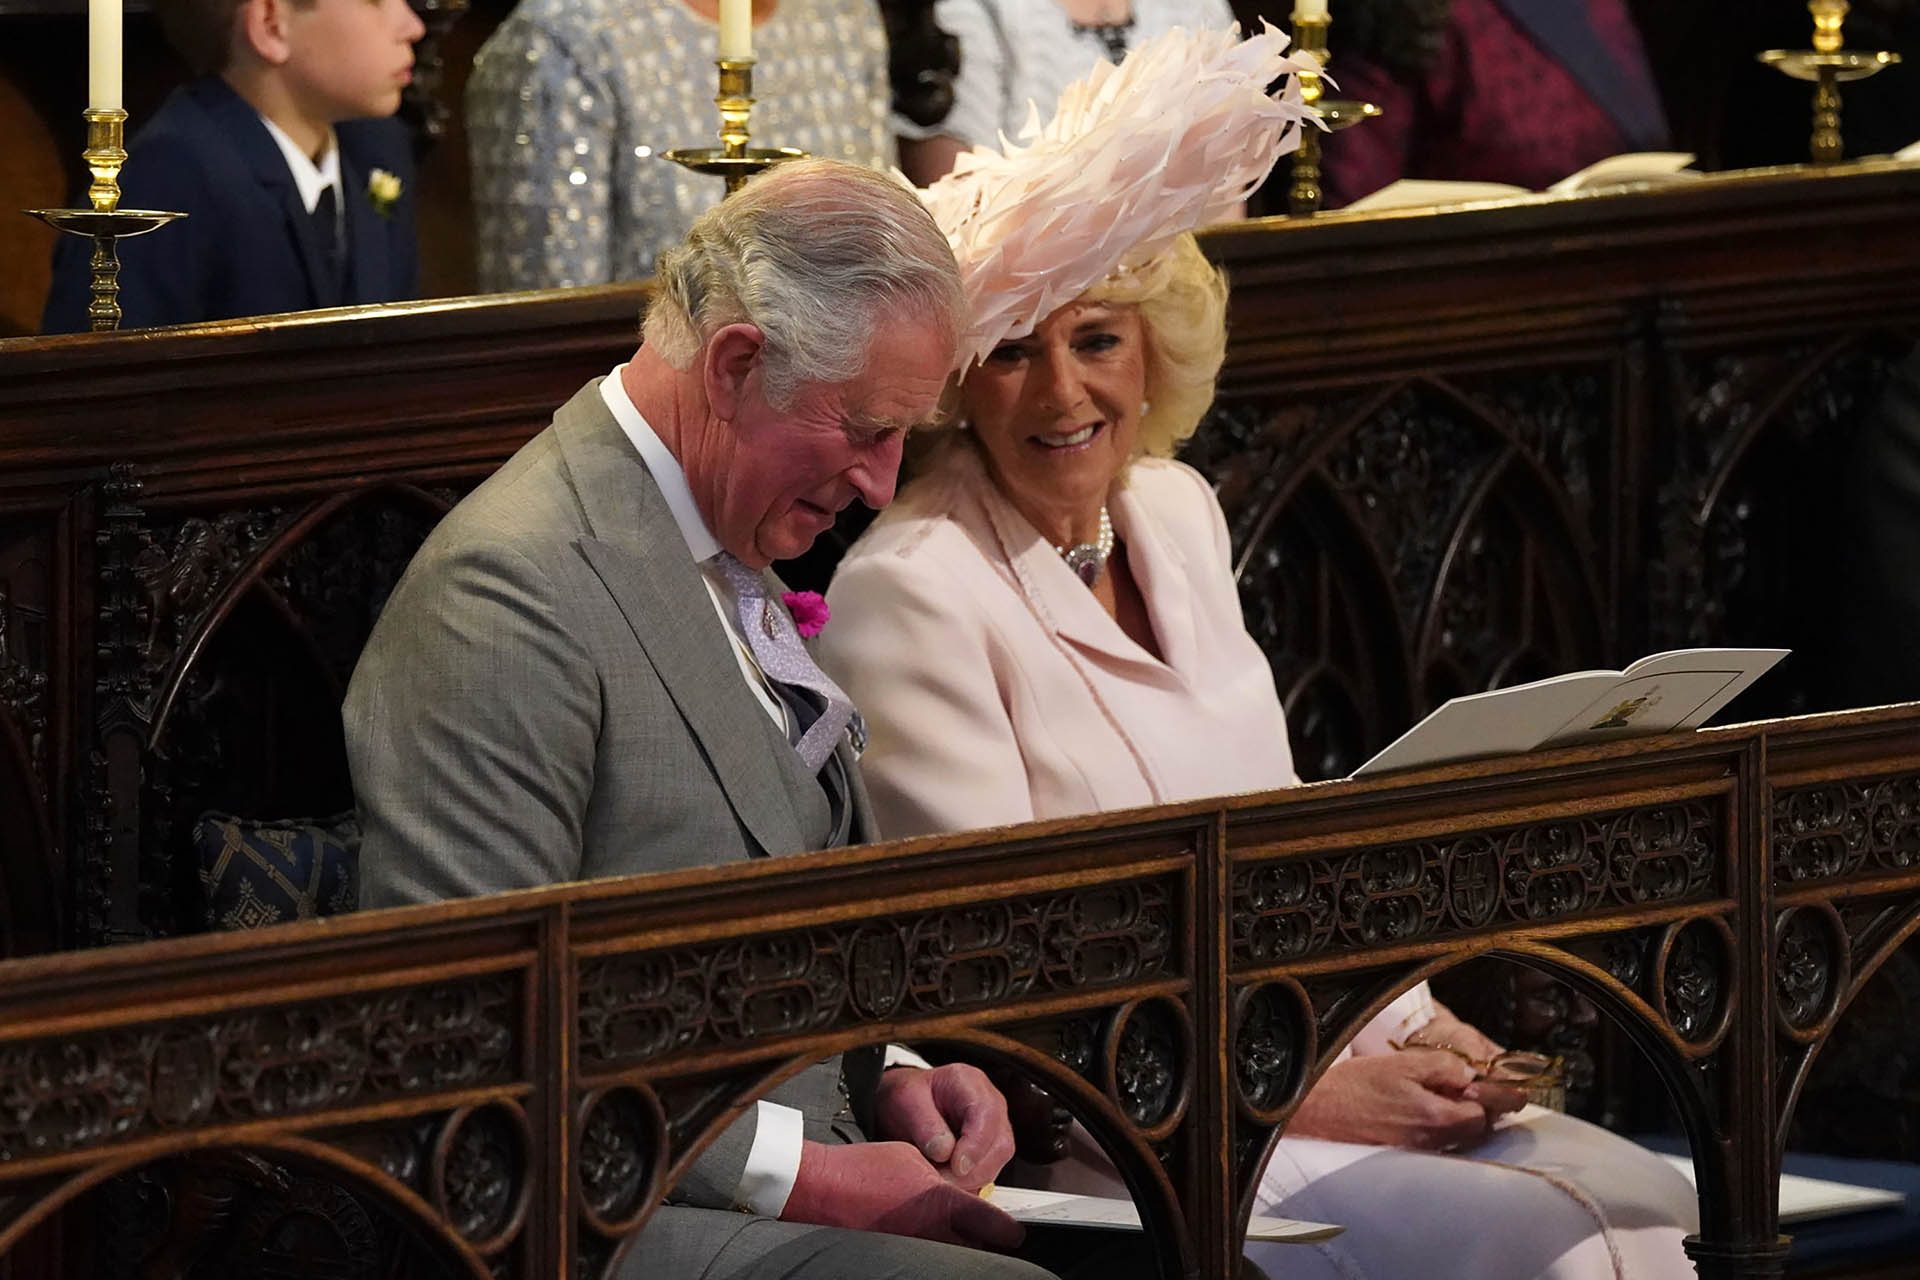 Carlos y Camila. Están casados desde 2005 y ella, además de ser Windsor, recibió el título ducal de Cornualles y los títulos de duquesa de Rothesay y de Chester (AFP)